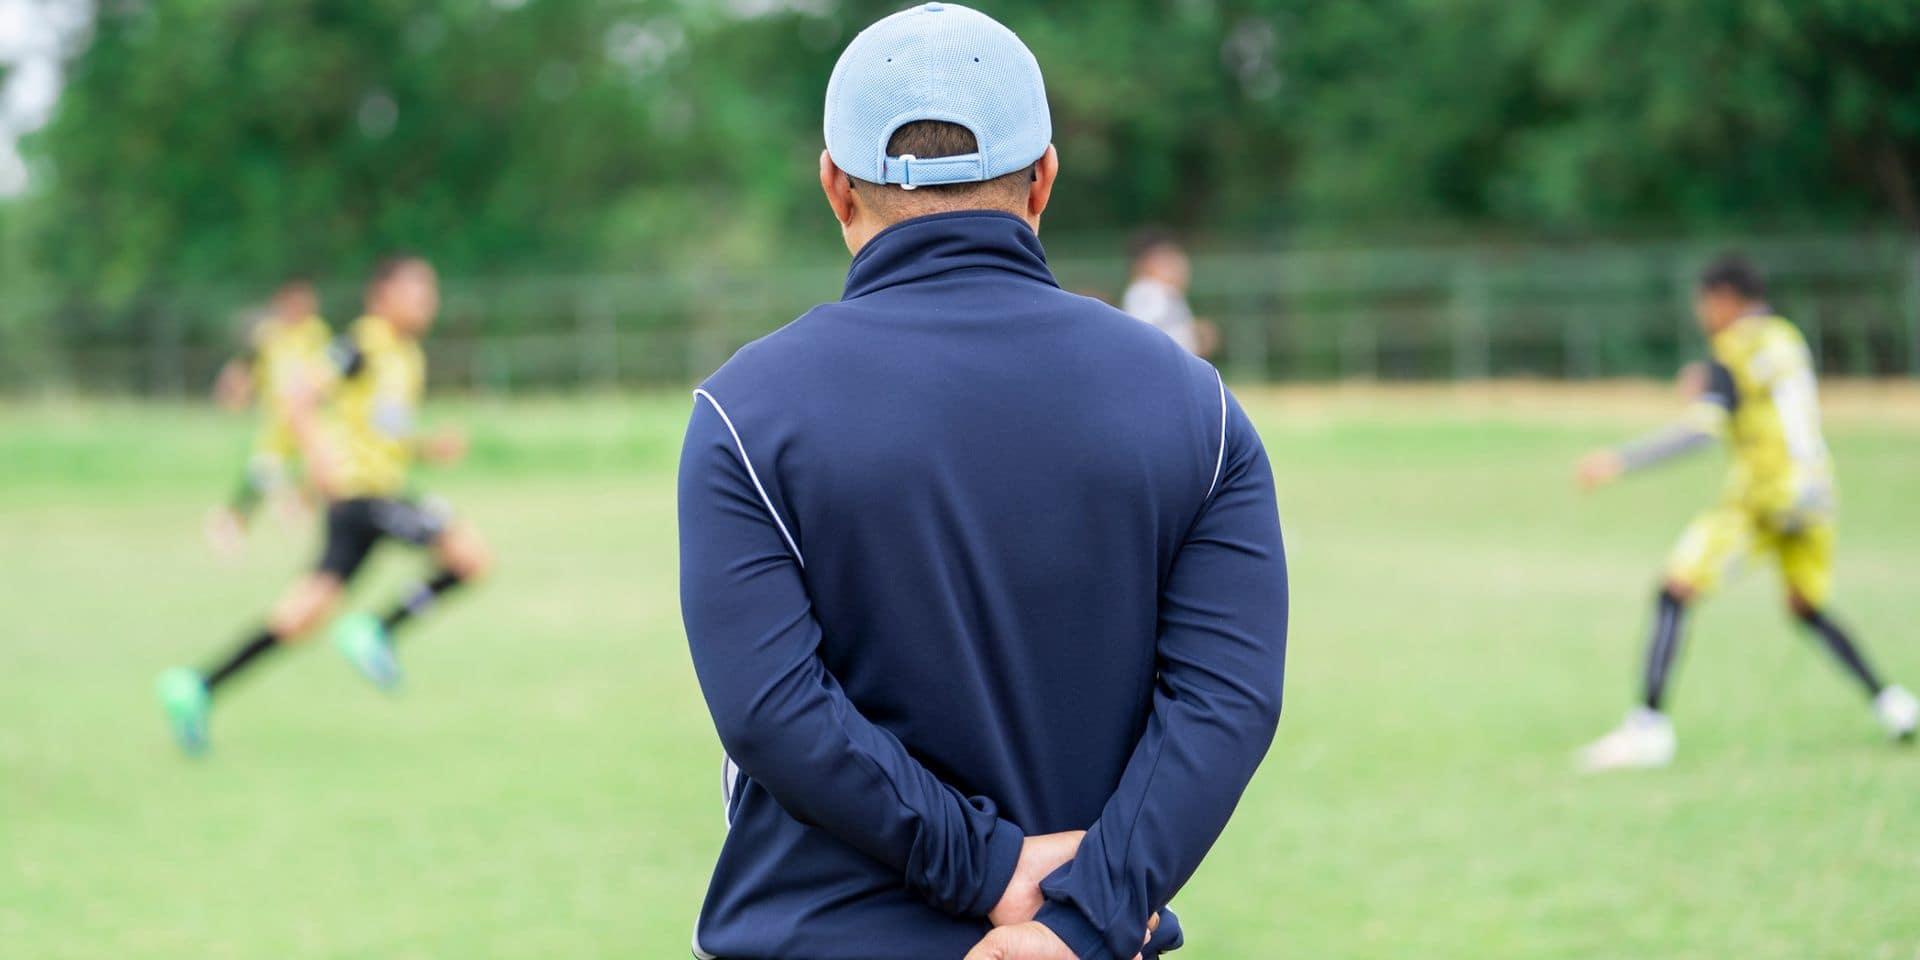 Officiel: Cinq remplacements possibles dans le foot amateur francophone la saison prochaine